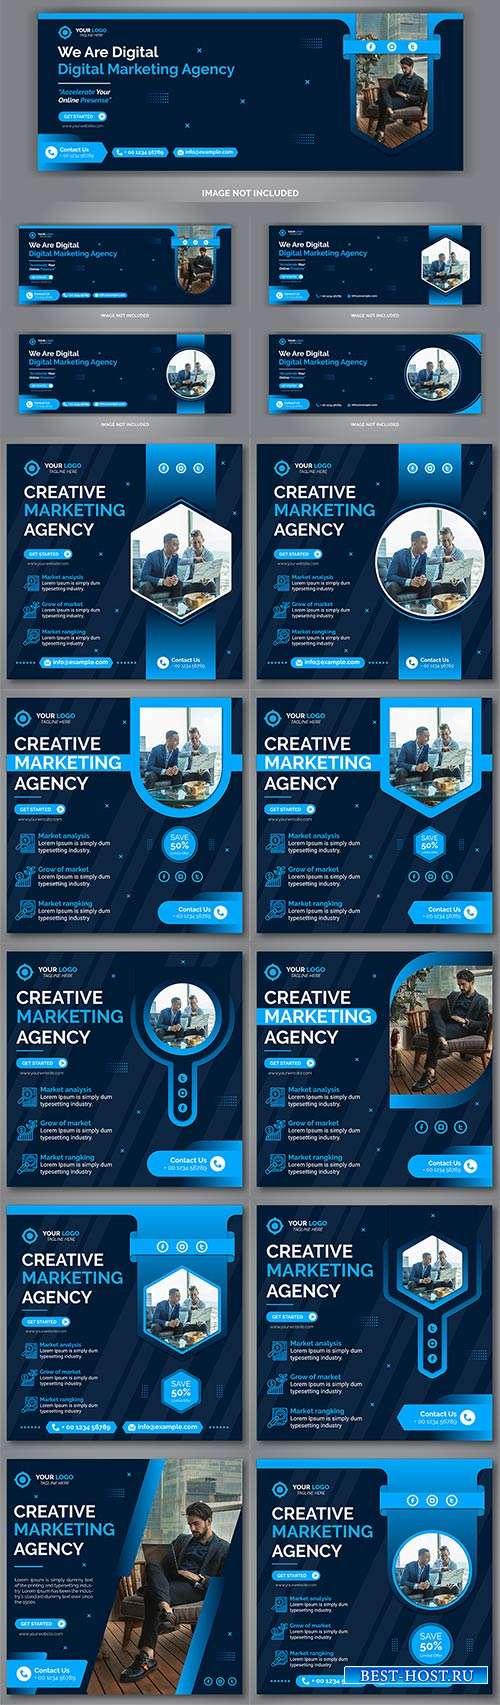 Креативные шаблоны для медийных сайтов - Векторный клипарт